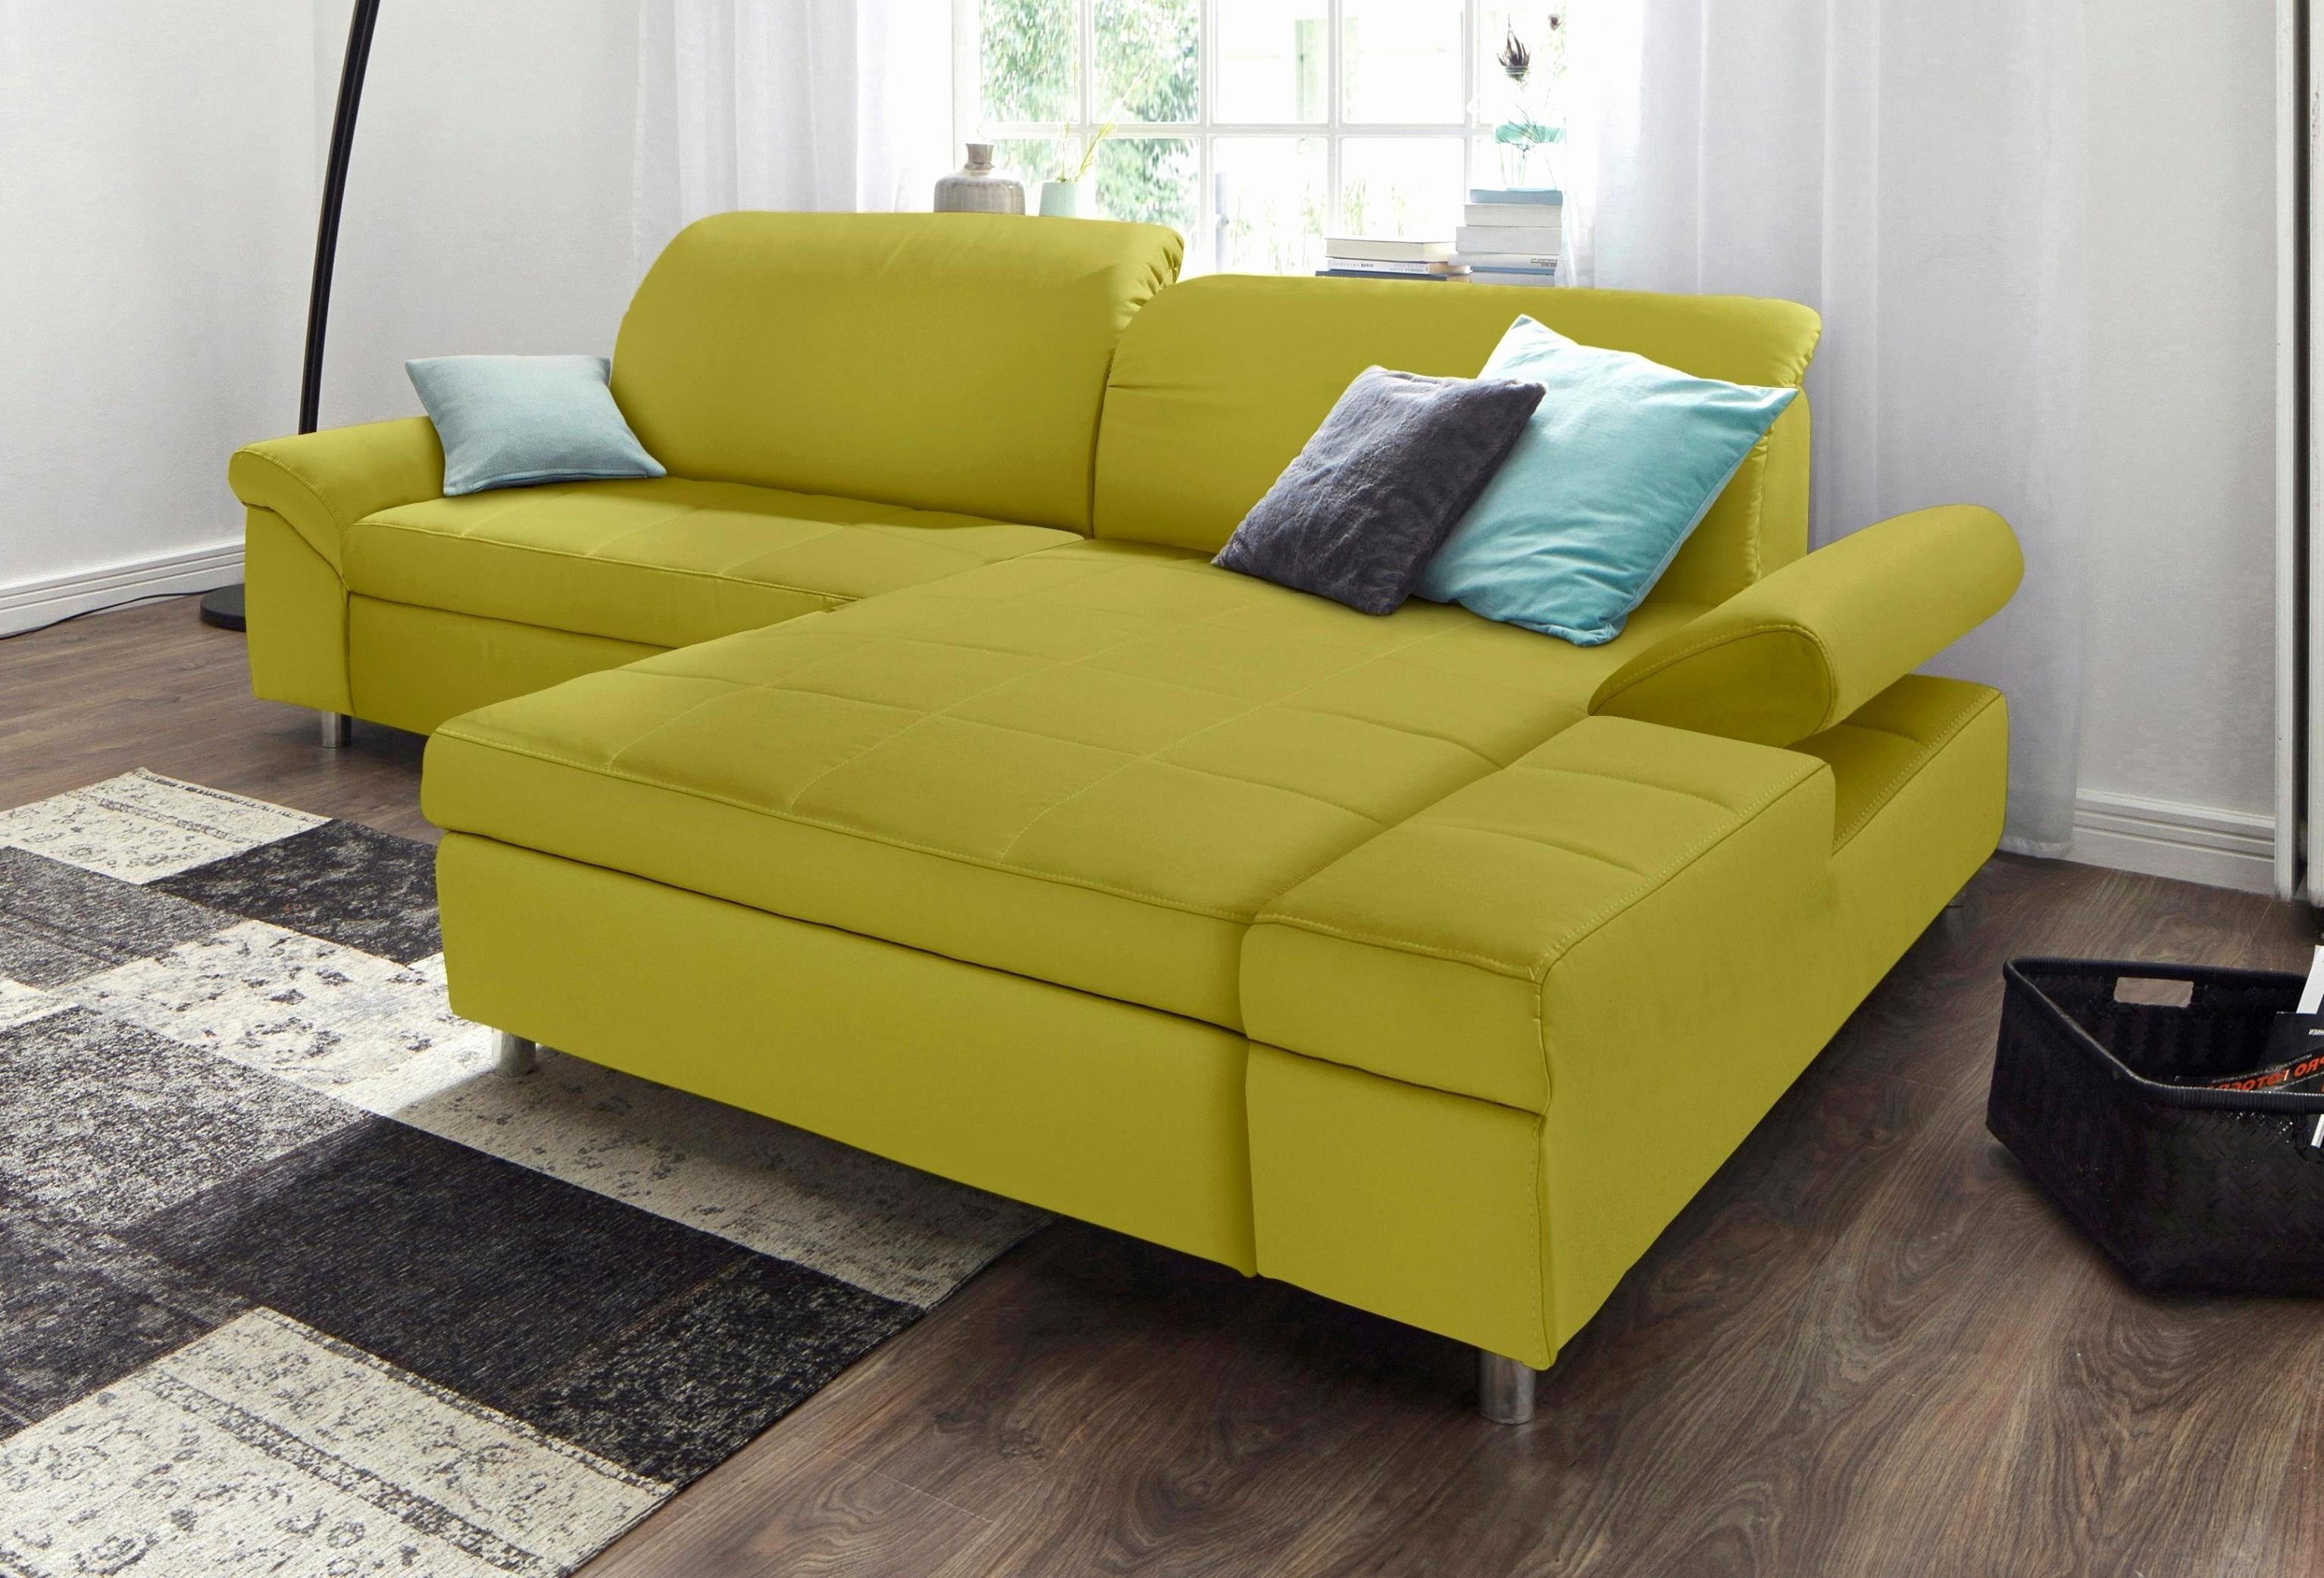 Vallentuna Ikea Avis Luxe Photographie 50 Unique Friheten sofa Bed Ikea Reviews Pics 50 S